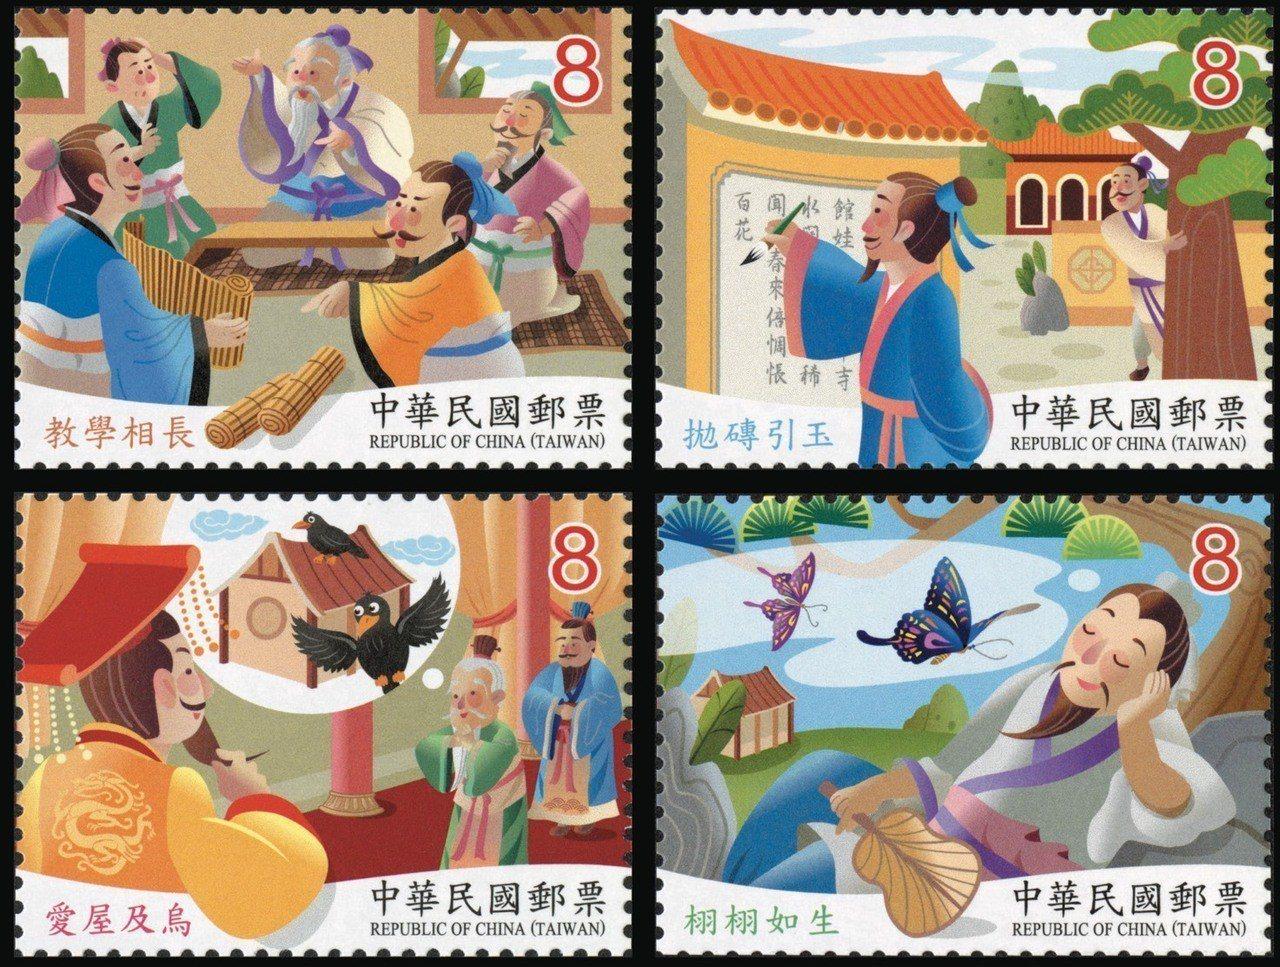 中華郵政發行「成語故事郵票」。圖/中華郵政提供